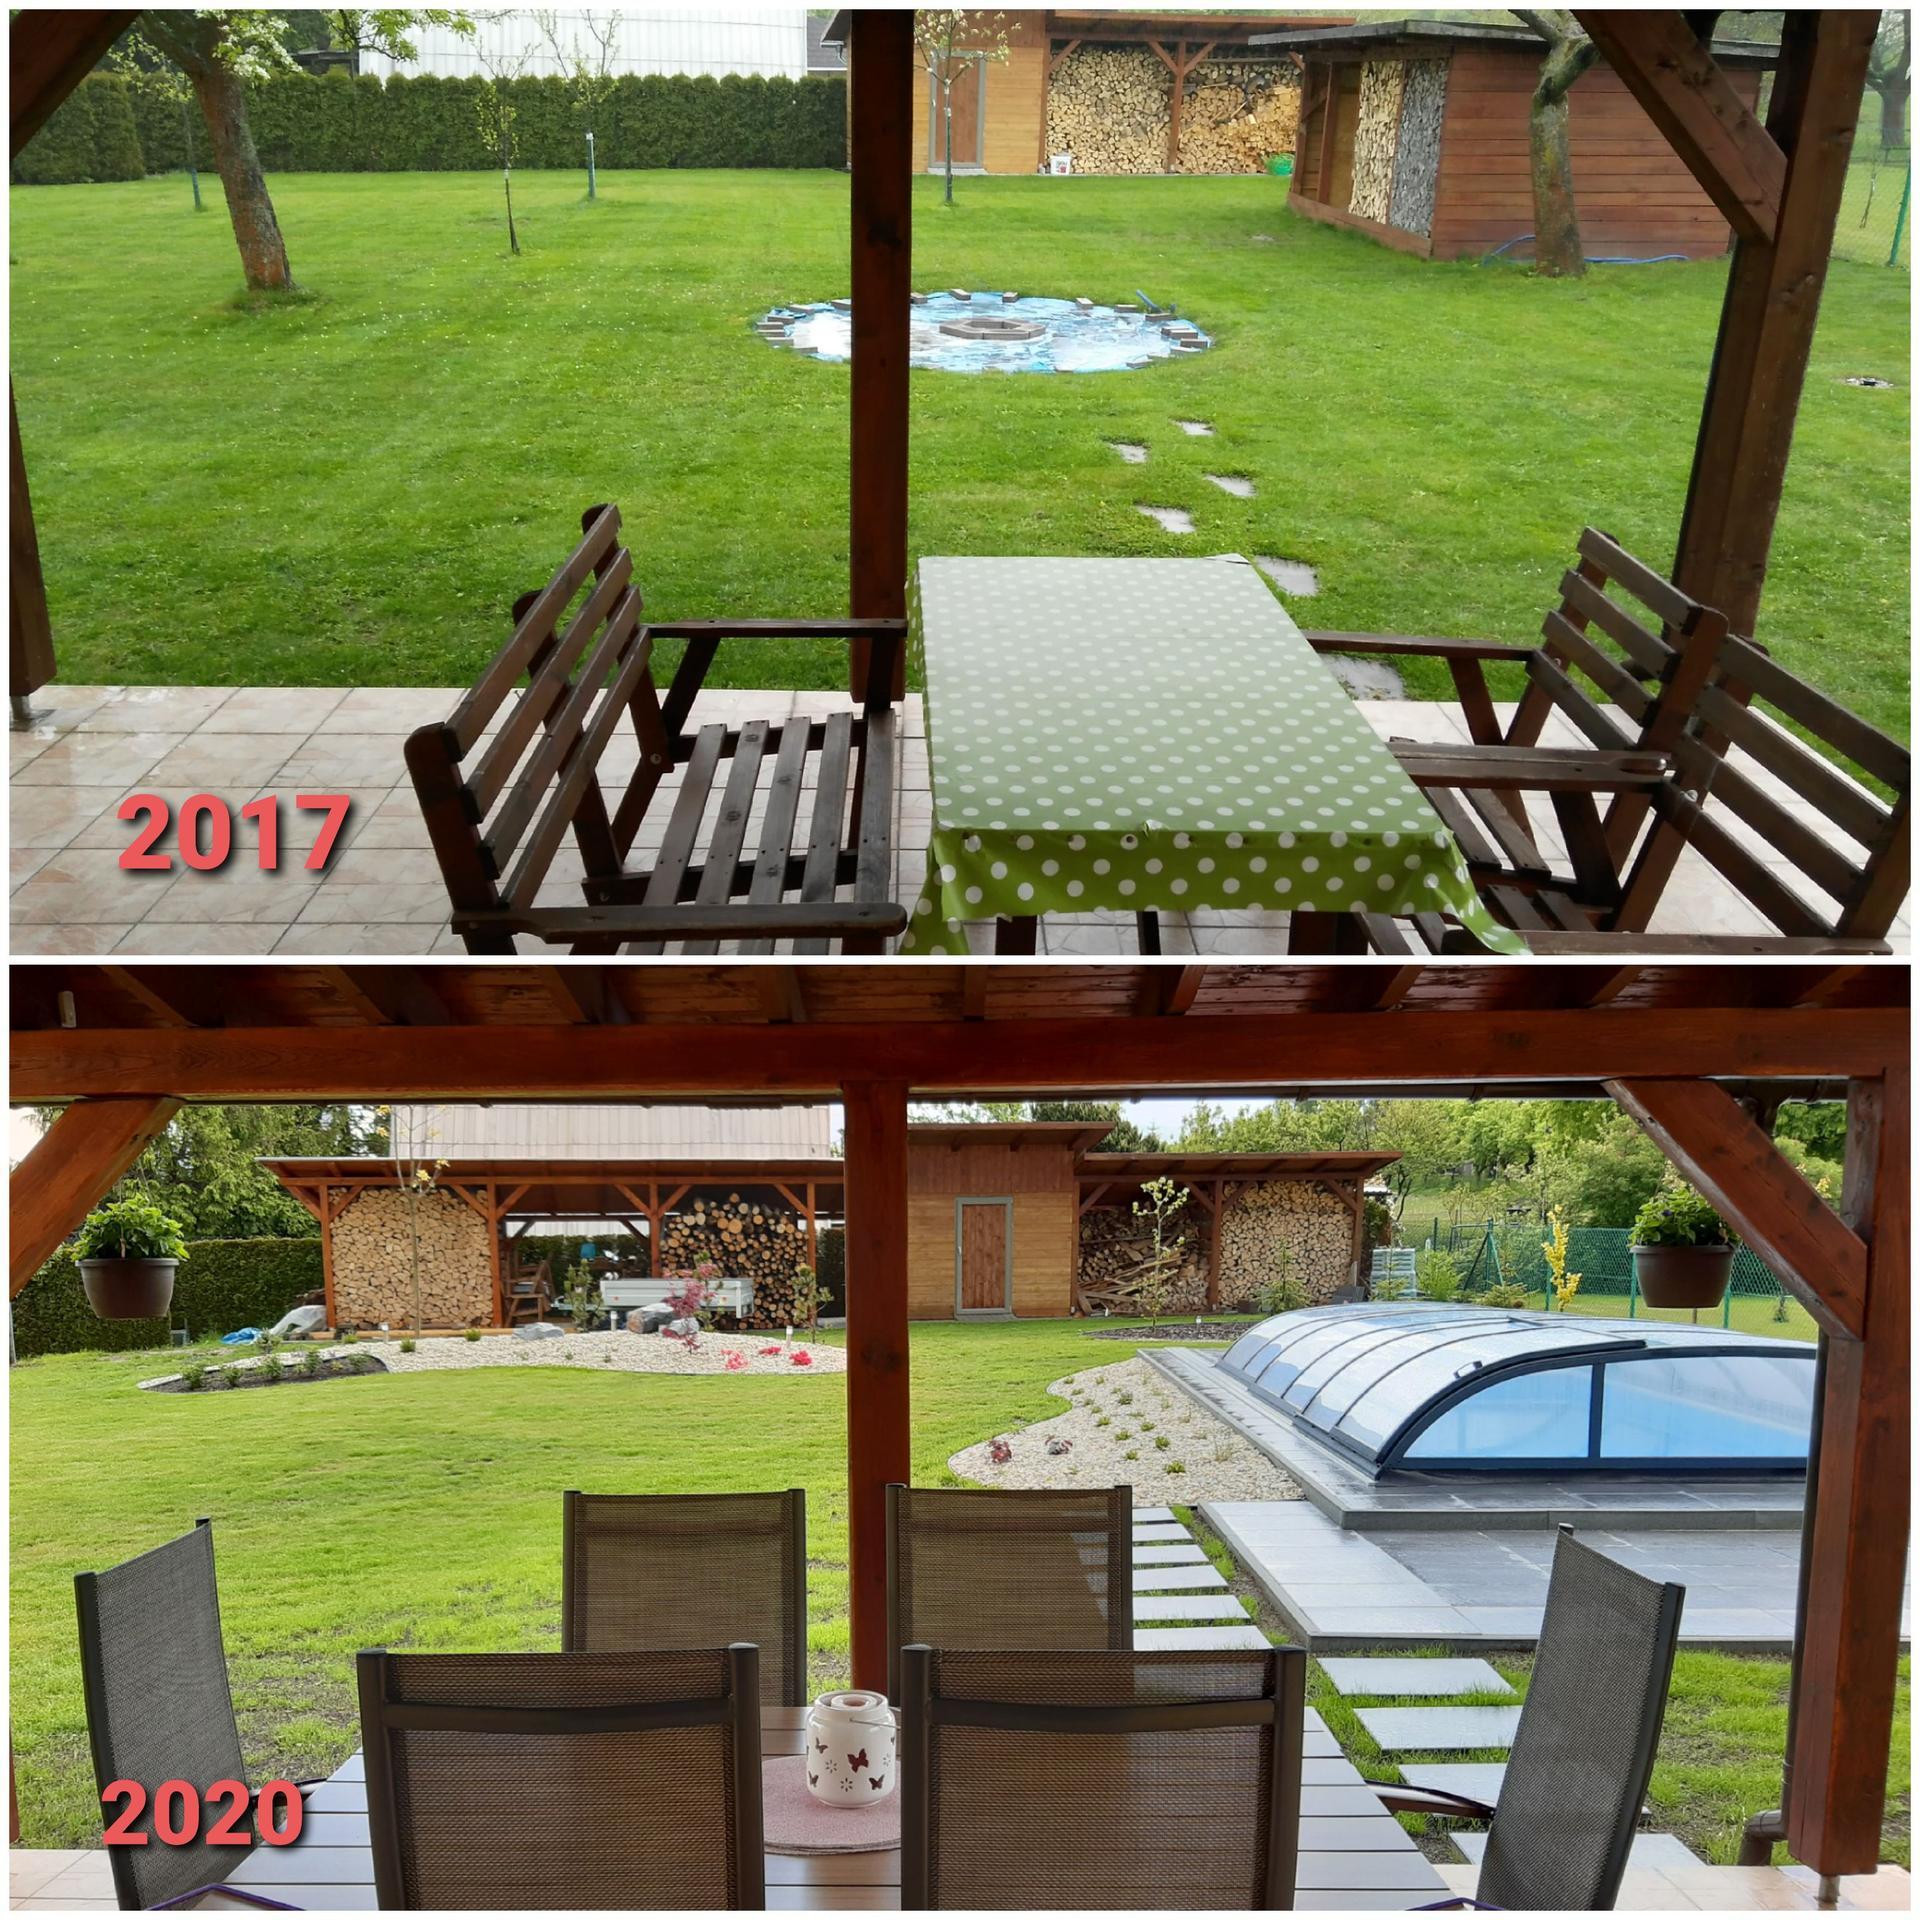 Zahrada 2020 - Jedna srovnávací.